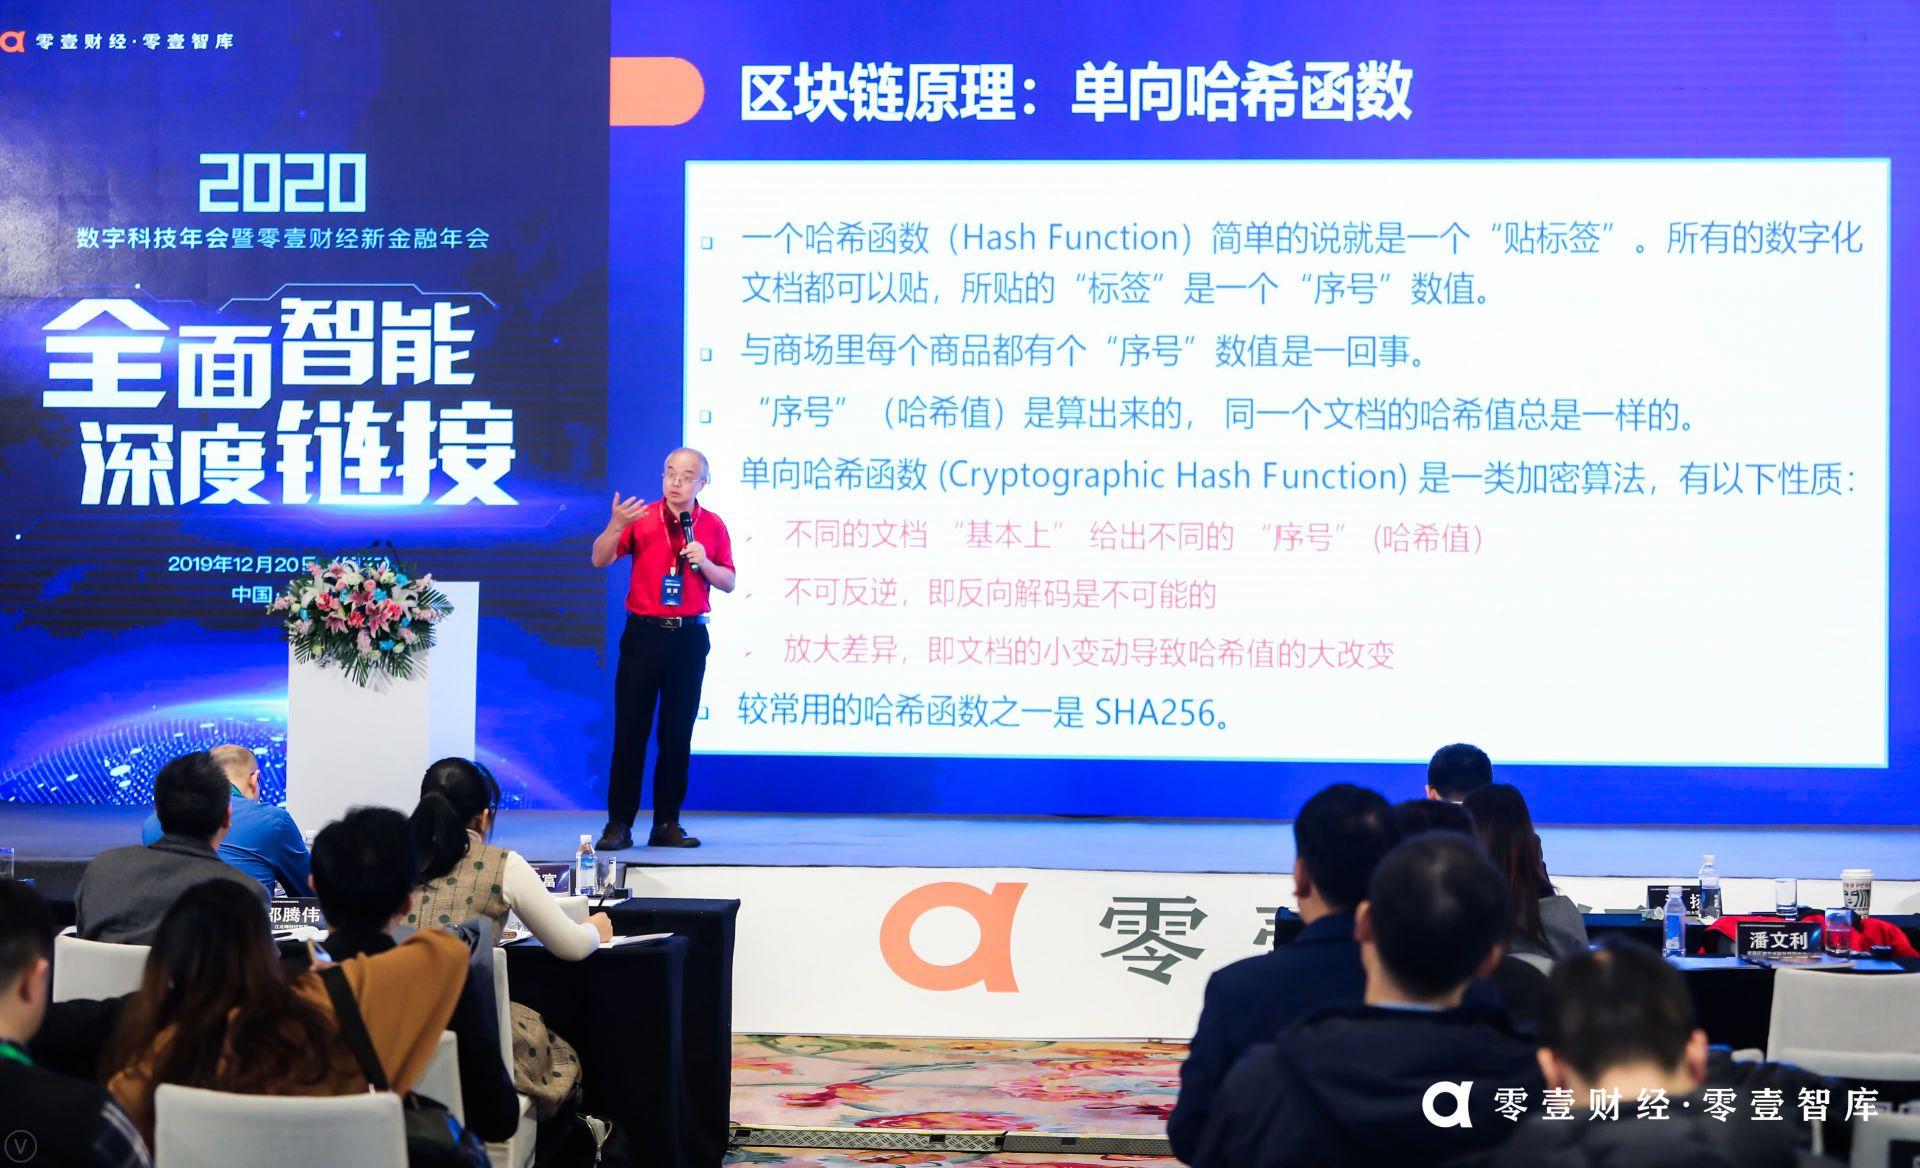 香港科技大学理学院院长汪扬:区块链今后在商业中的腾飞,主要是基于中心化区块链